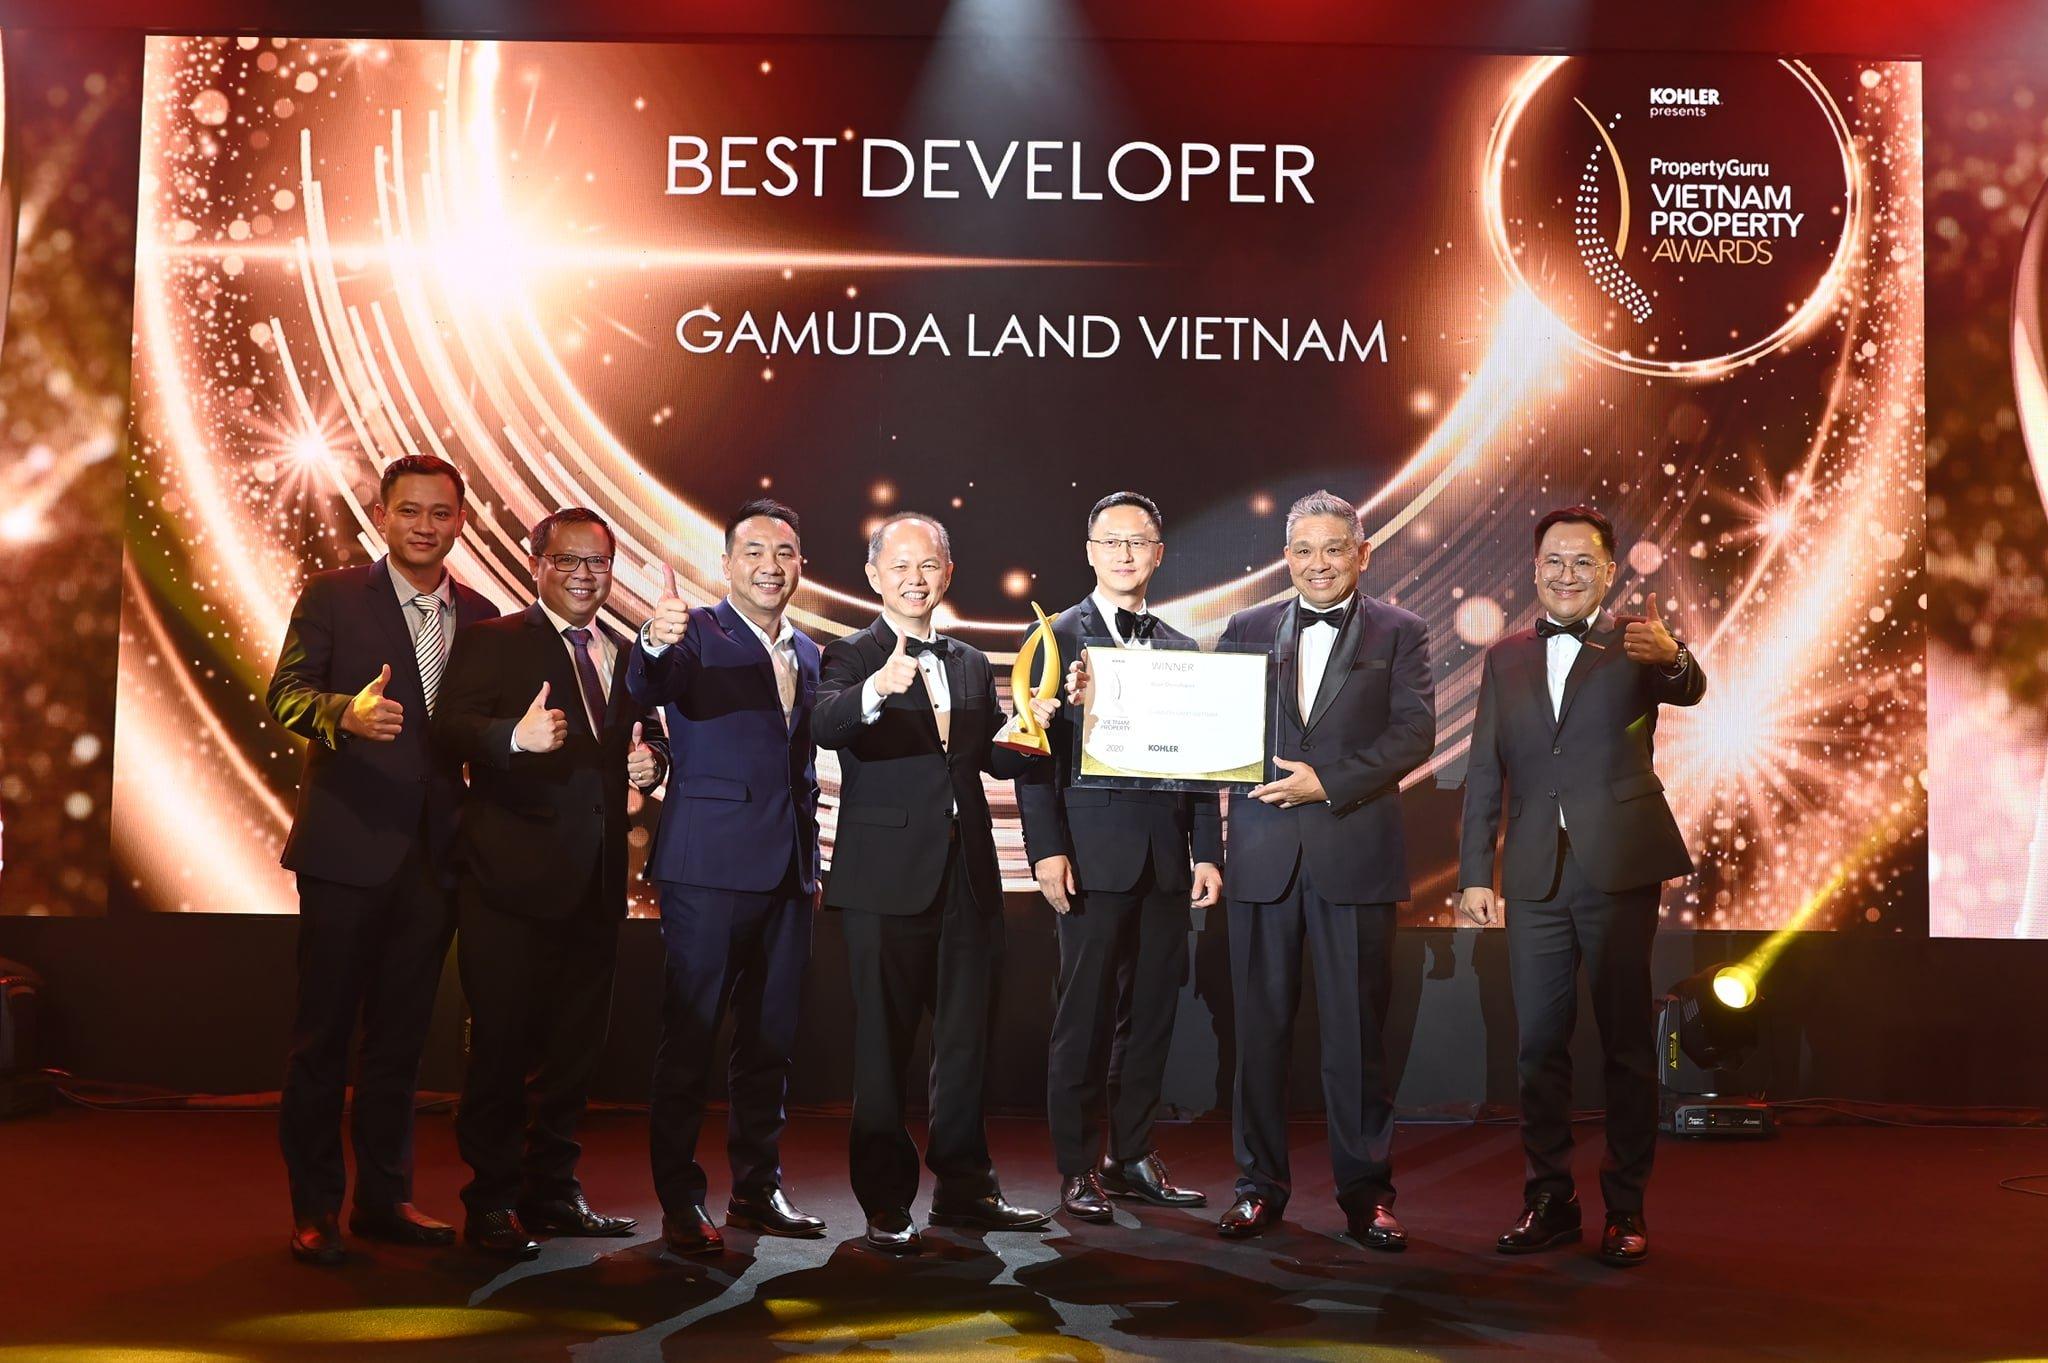 Gamuda Land Vietnam - Nhà phát triển BĐS tốt nhất